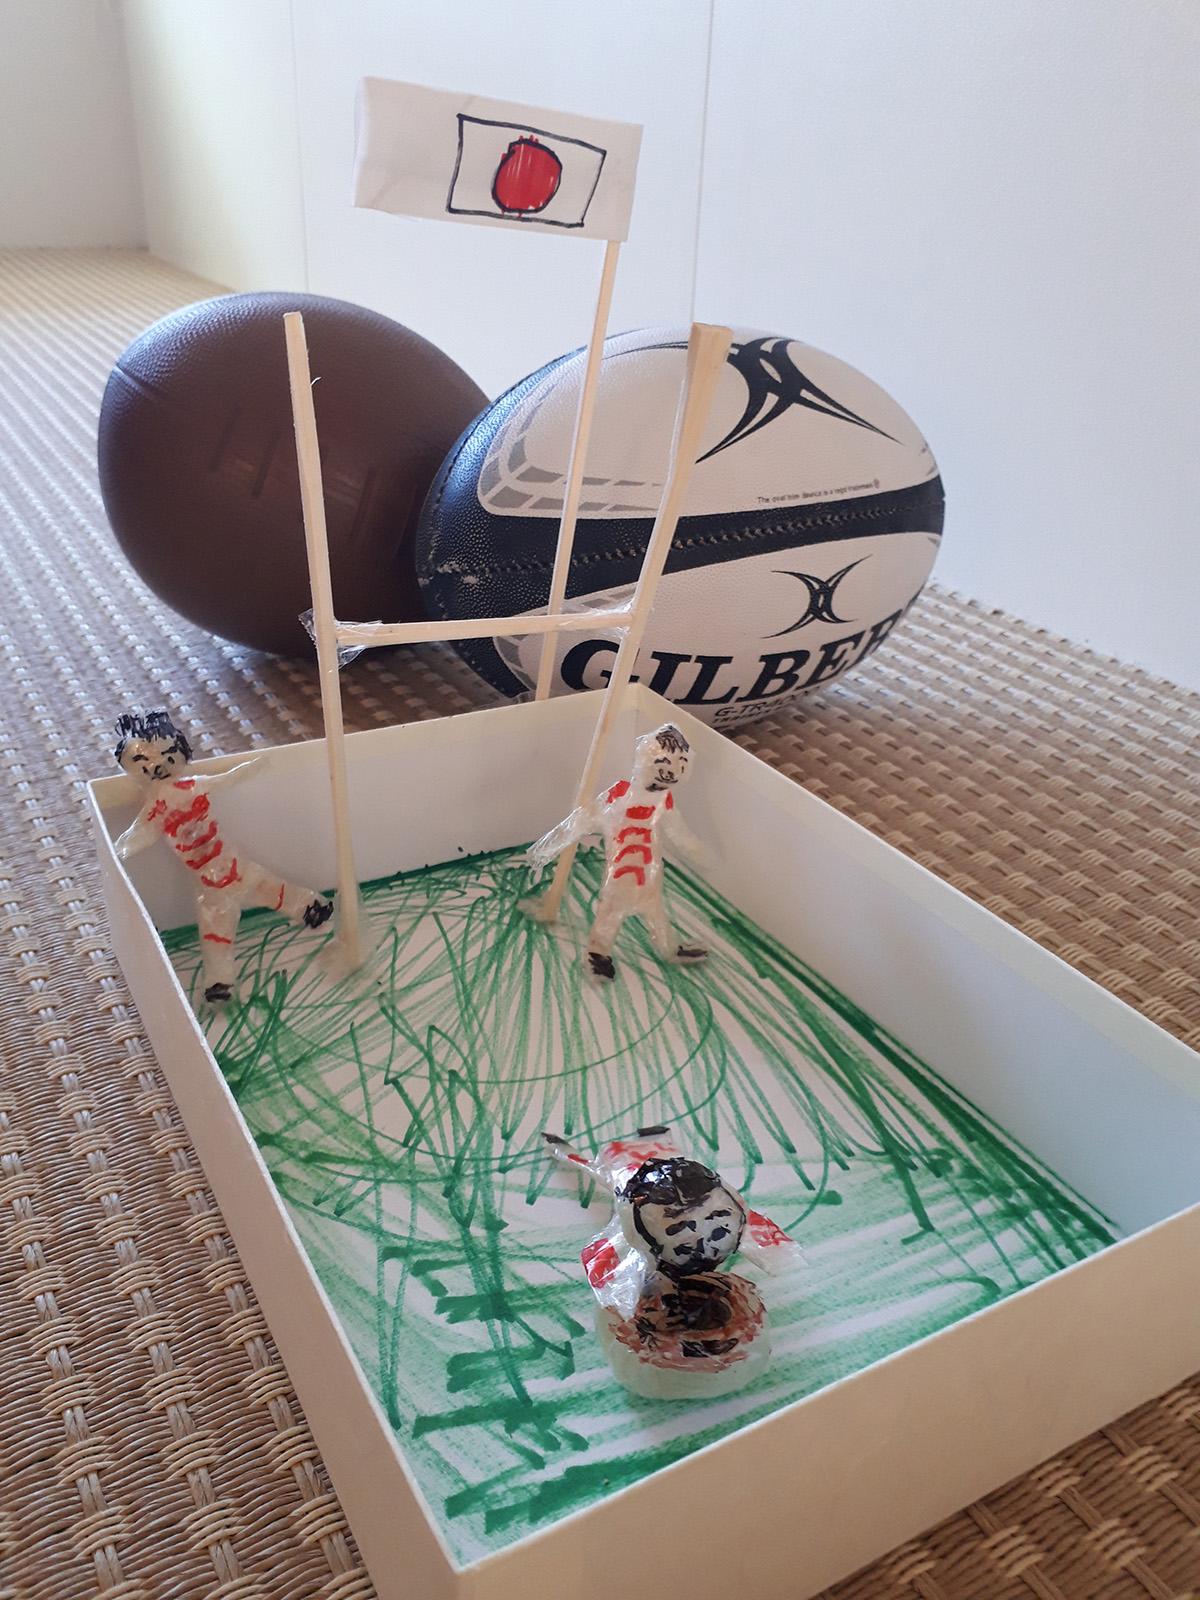 第41回:tupera tupera 中川敦子より<br />サンタのプレゼントは何が出るかわからないドキドキ感を大事にしたい。